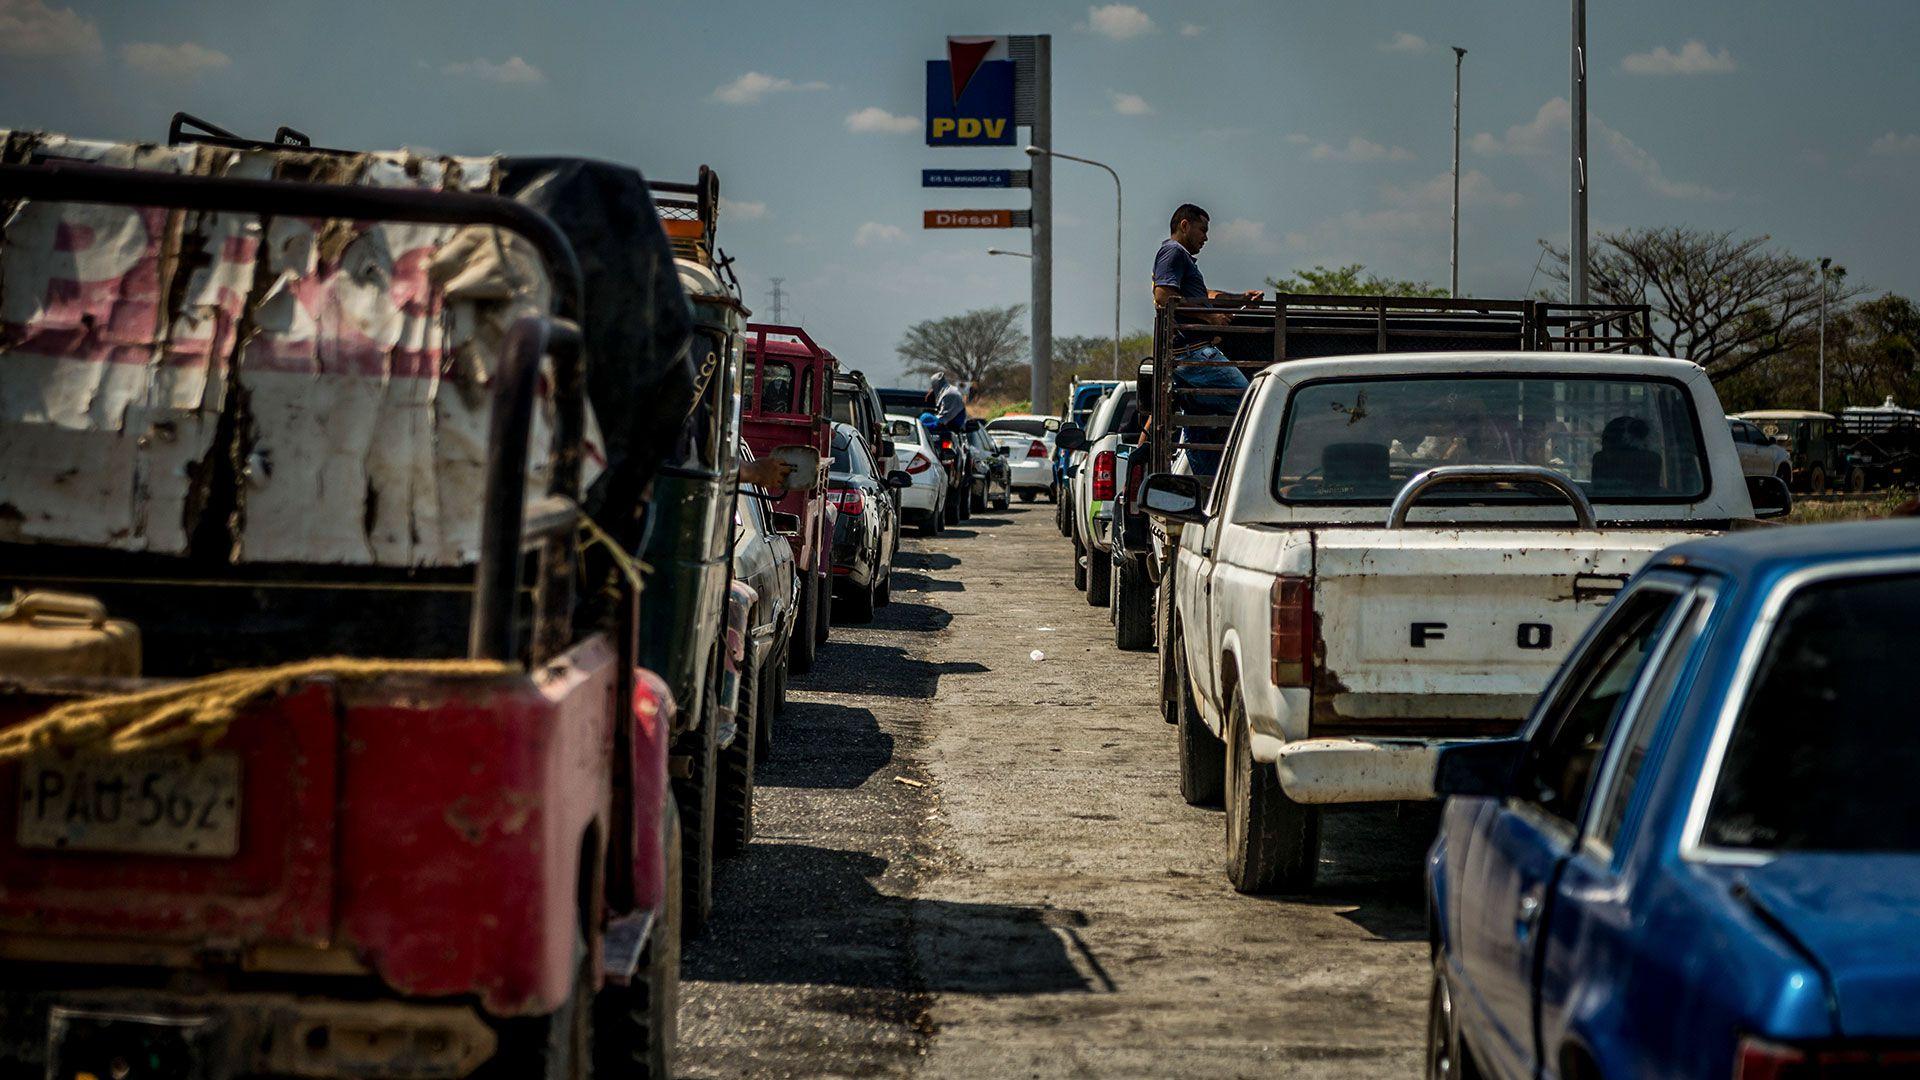 Resultado de imagen para El servicio de ambulancias se ha convertido en una nueva víctima de la crisis política y económica de Venezuela, debido a los problemas para abastecerse de combustible y dirigirse a atender emergencias mientras la escasez de gasolina empeora.